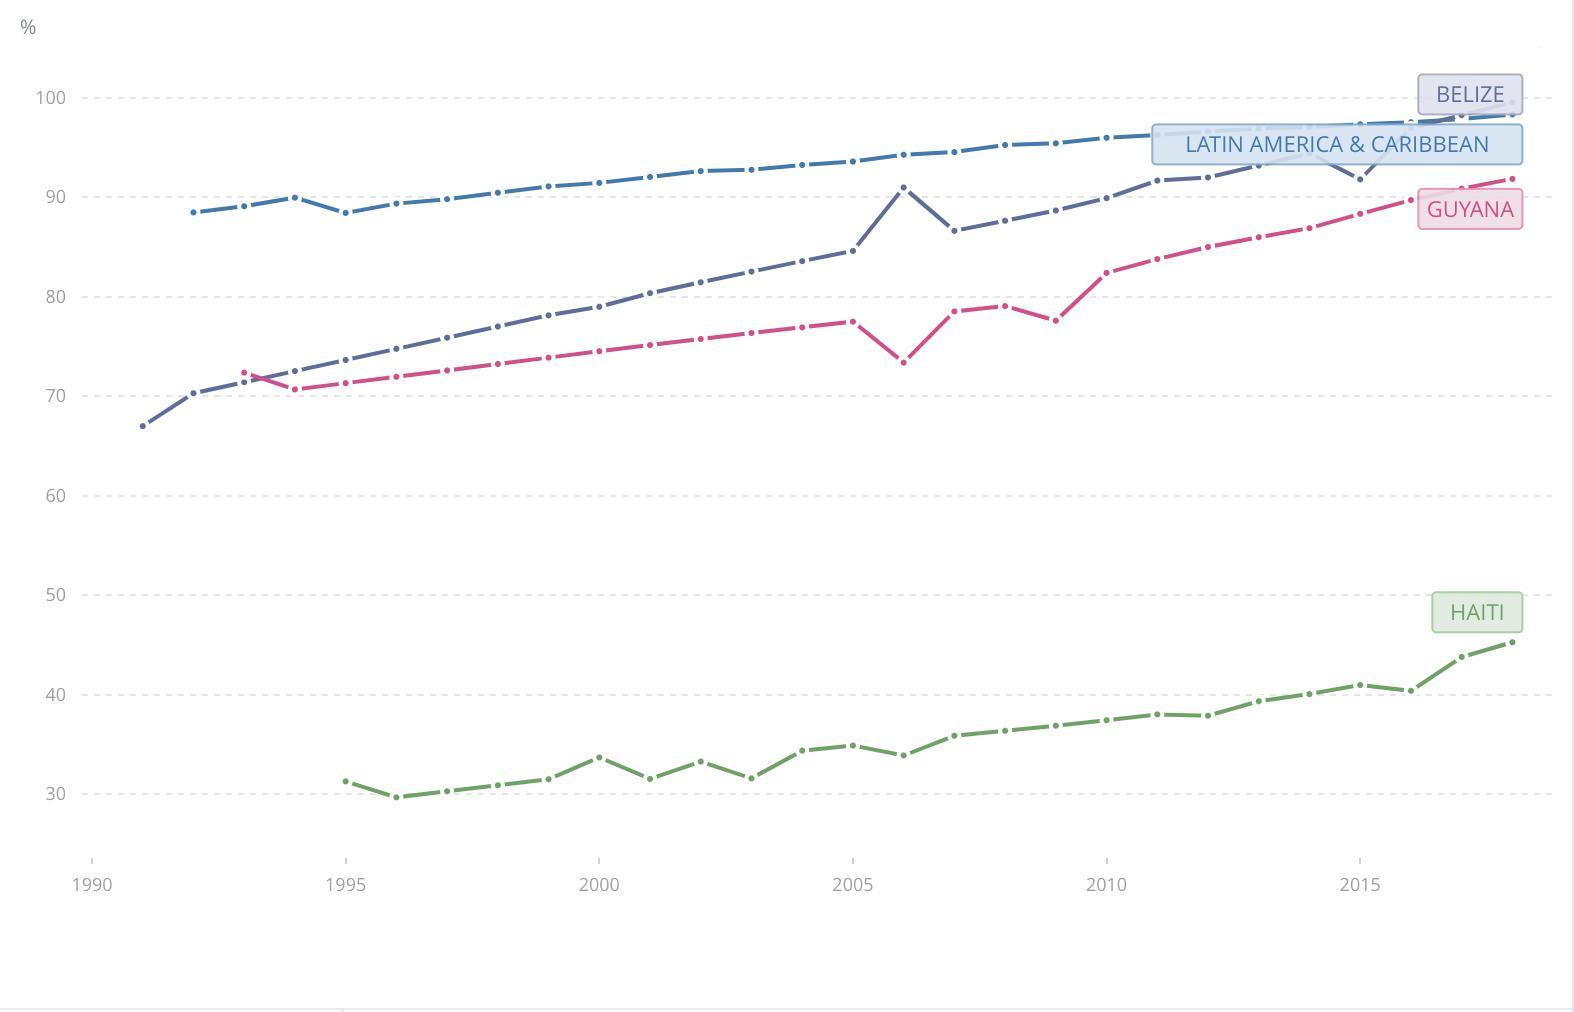 Acceso a la electricidad por edad en% en países seleccionados del Caribe, 1990-2018